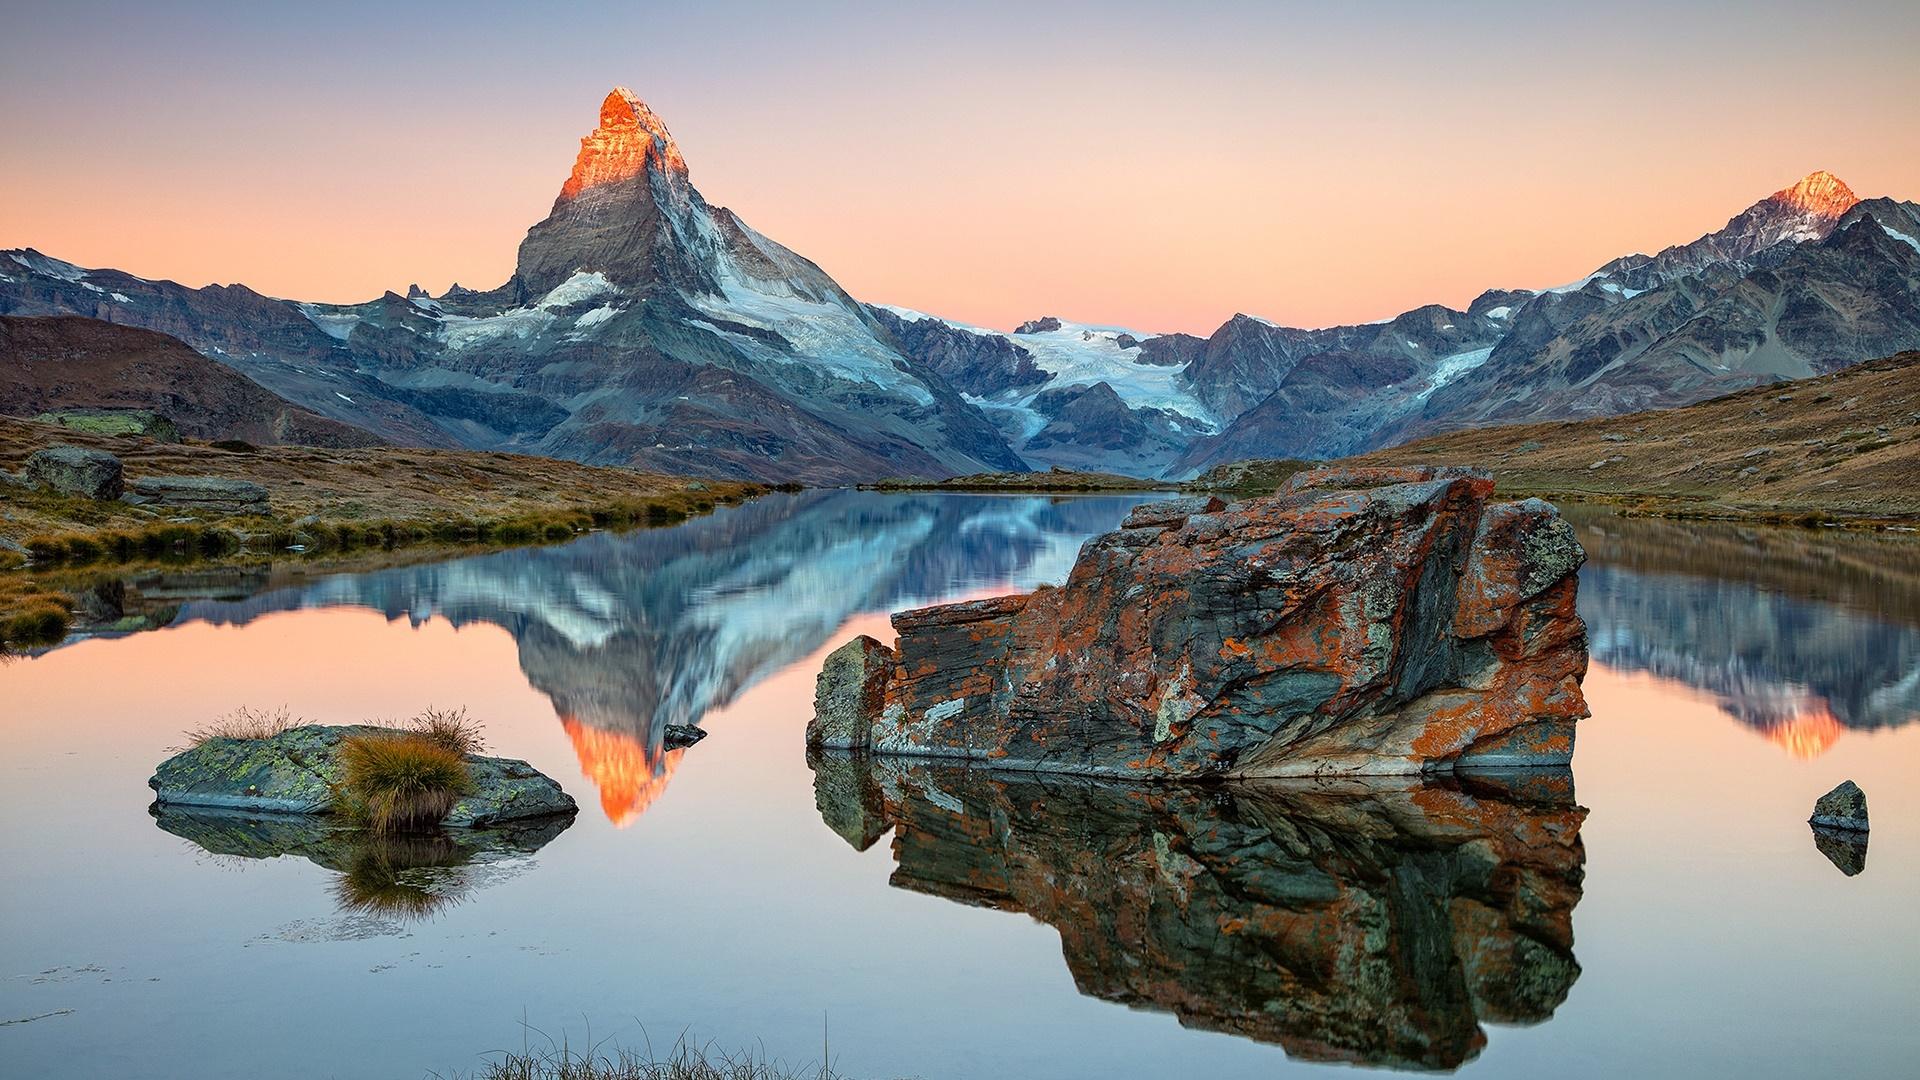 Stellisee reflected the Matterhorn wallpaper